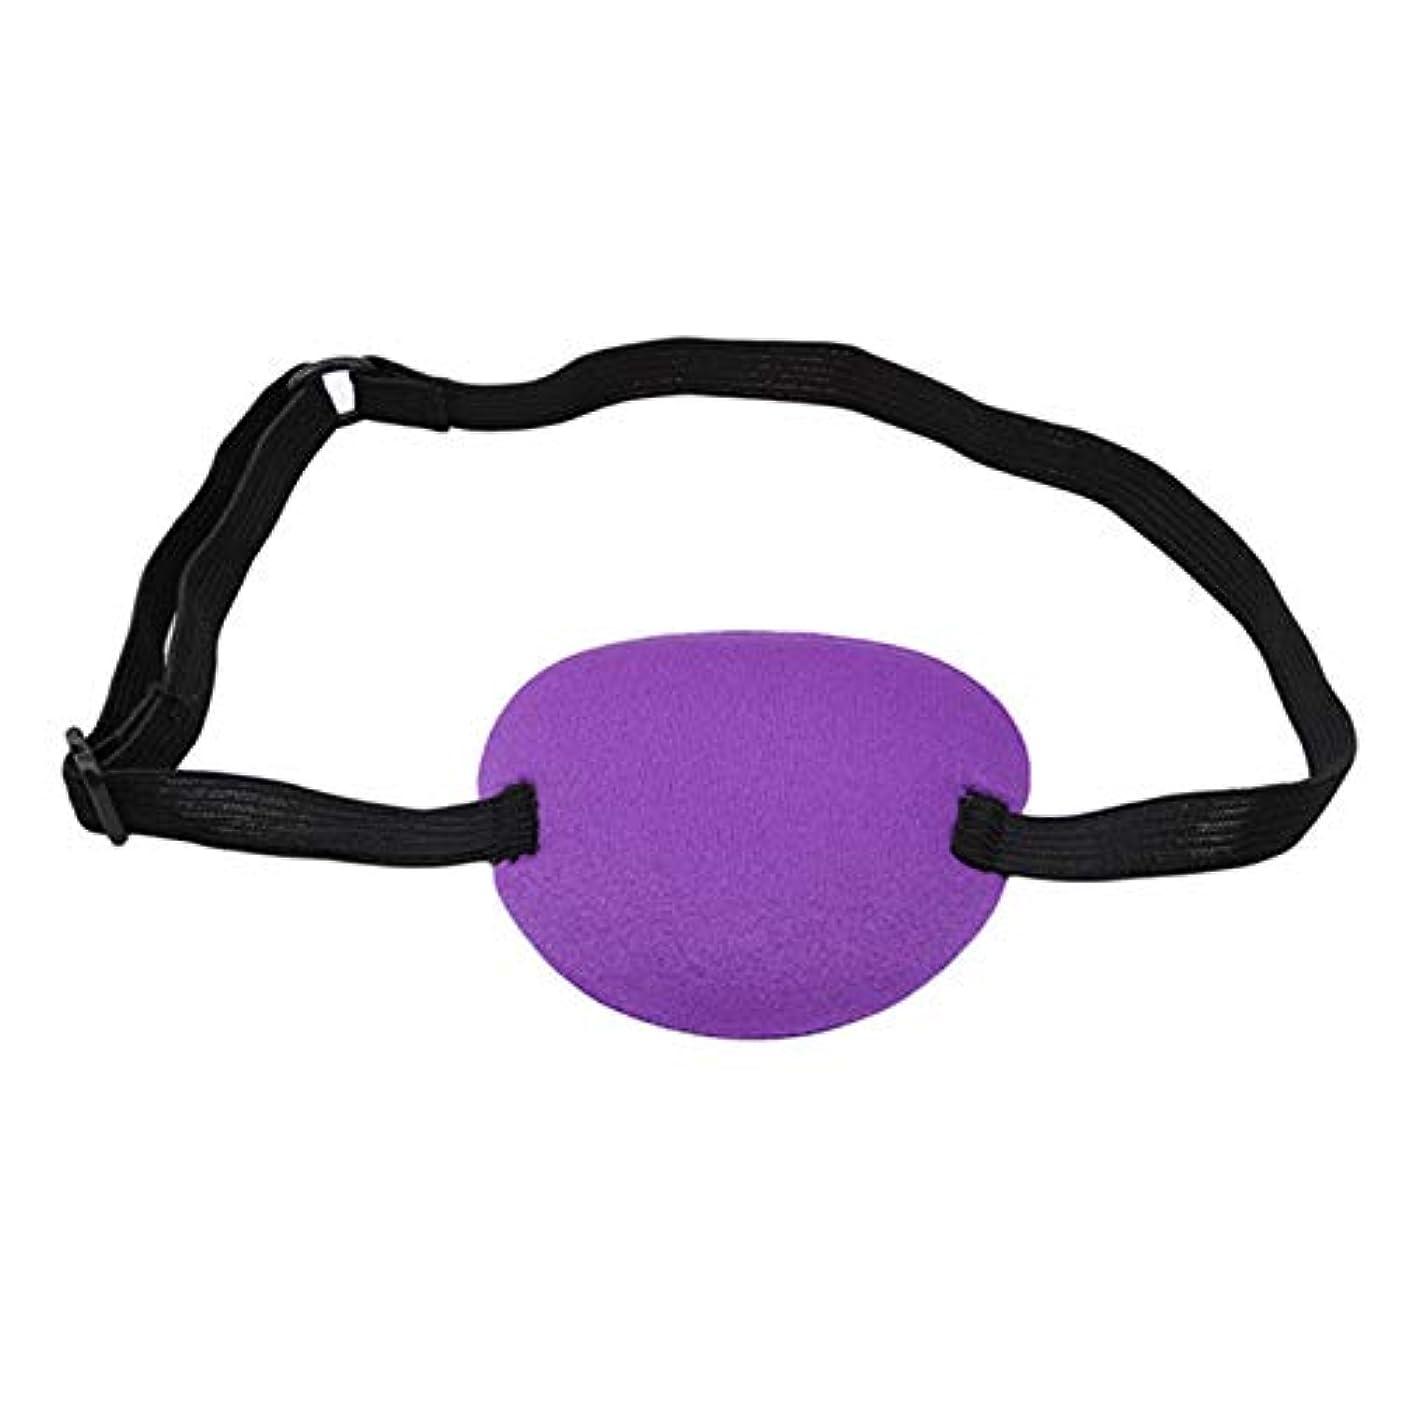 抑制パフしみNOTE 大人の携帯用柔らかい目のパッチの弱視の訓練のゴーグルの子供の単一の目のカバー絹のアイシェードの眠るアイマスクの片目カバー